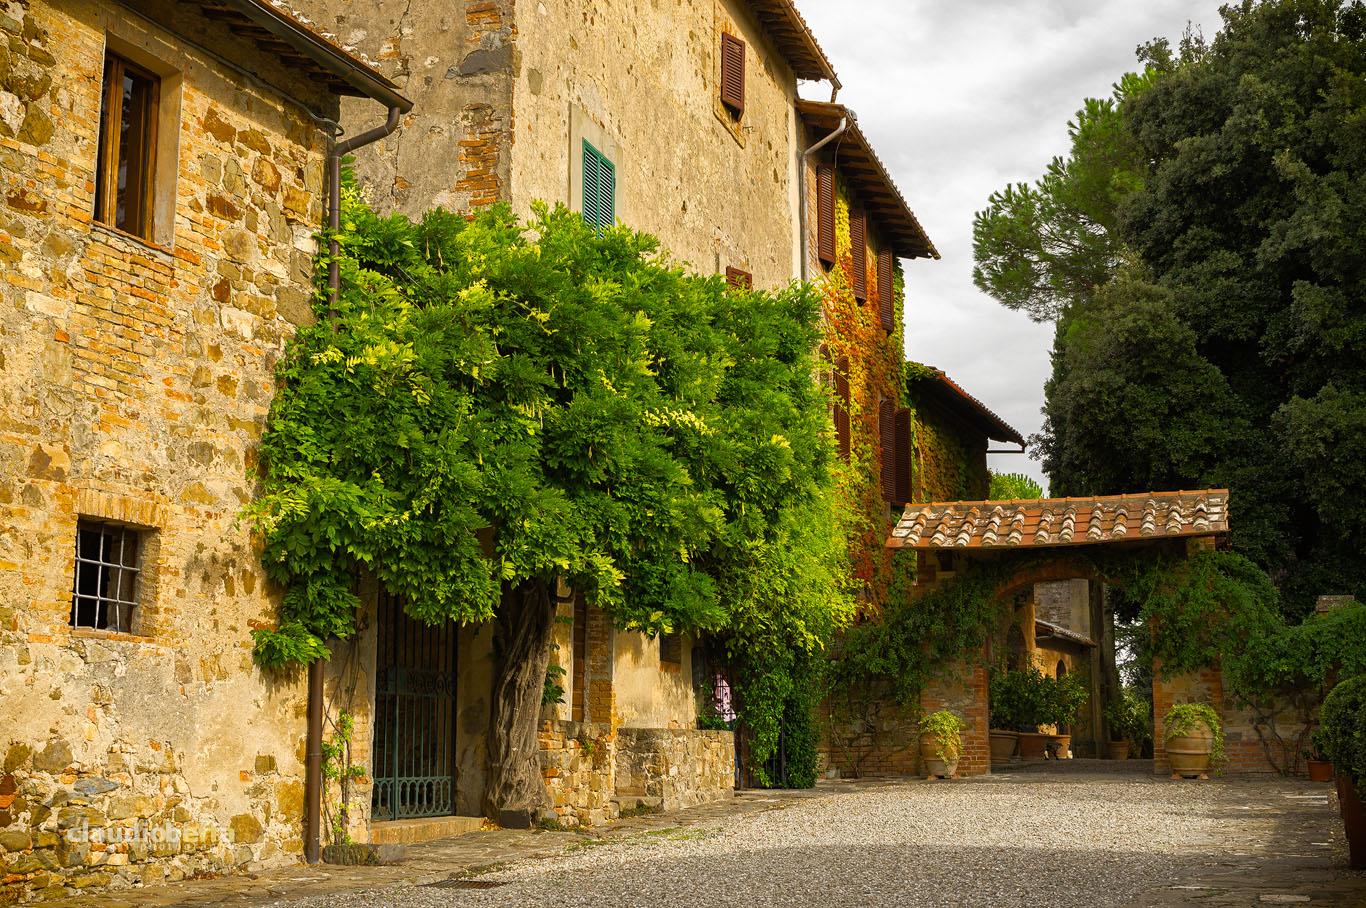 Farmhouse, Wine, Wine-making, Costanti, Tuscany, Toscana, Val d'Orcia, Montalcino, Italy, Italia, Ancient wine cellars of Tuscany